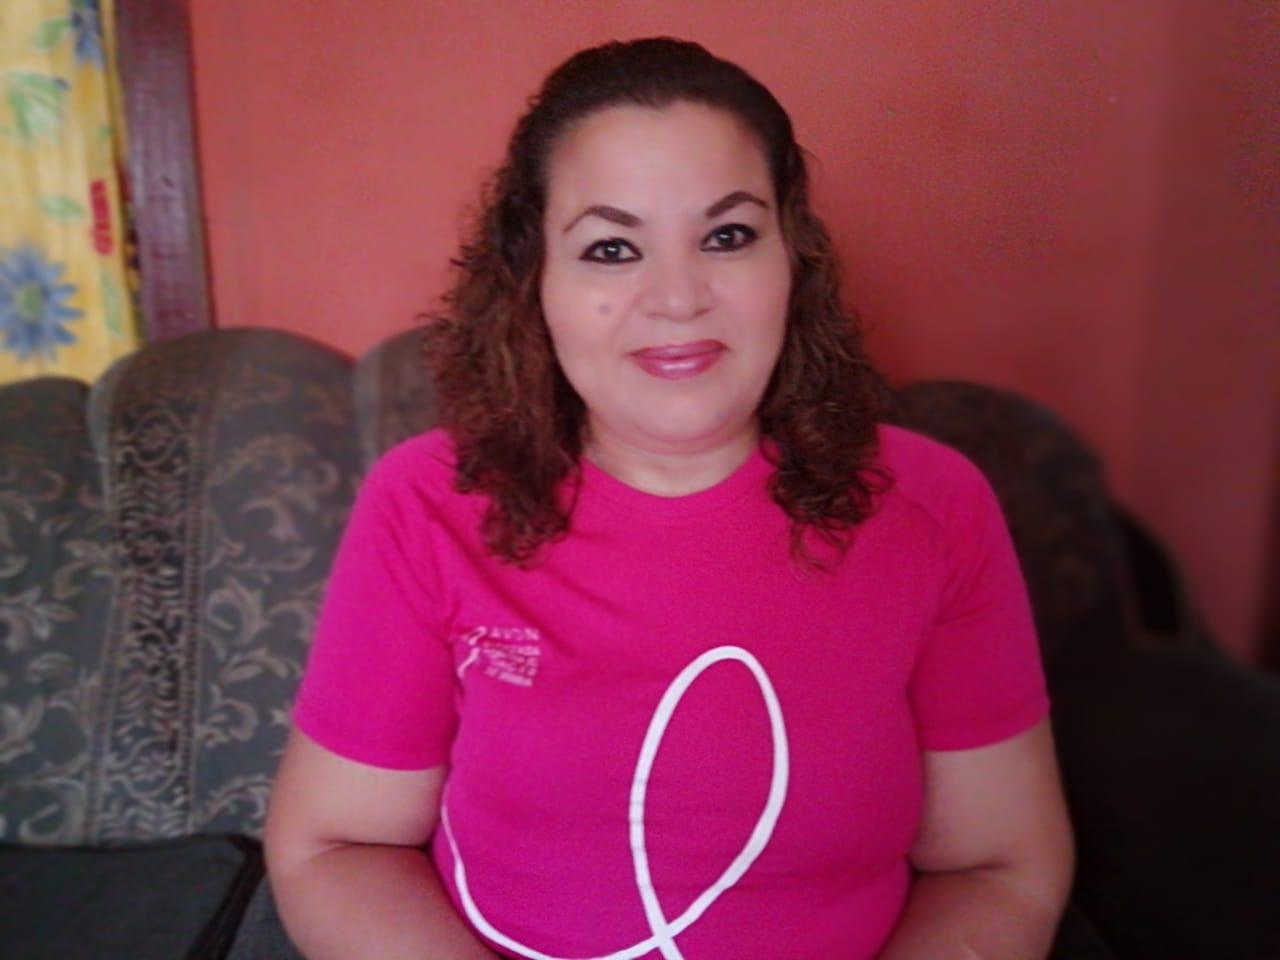 La historia de Blanca Hernández, sobreviviente de cáncer, te inspirará